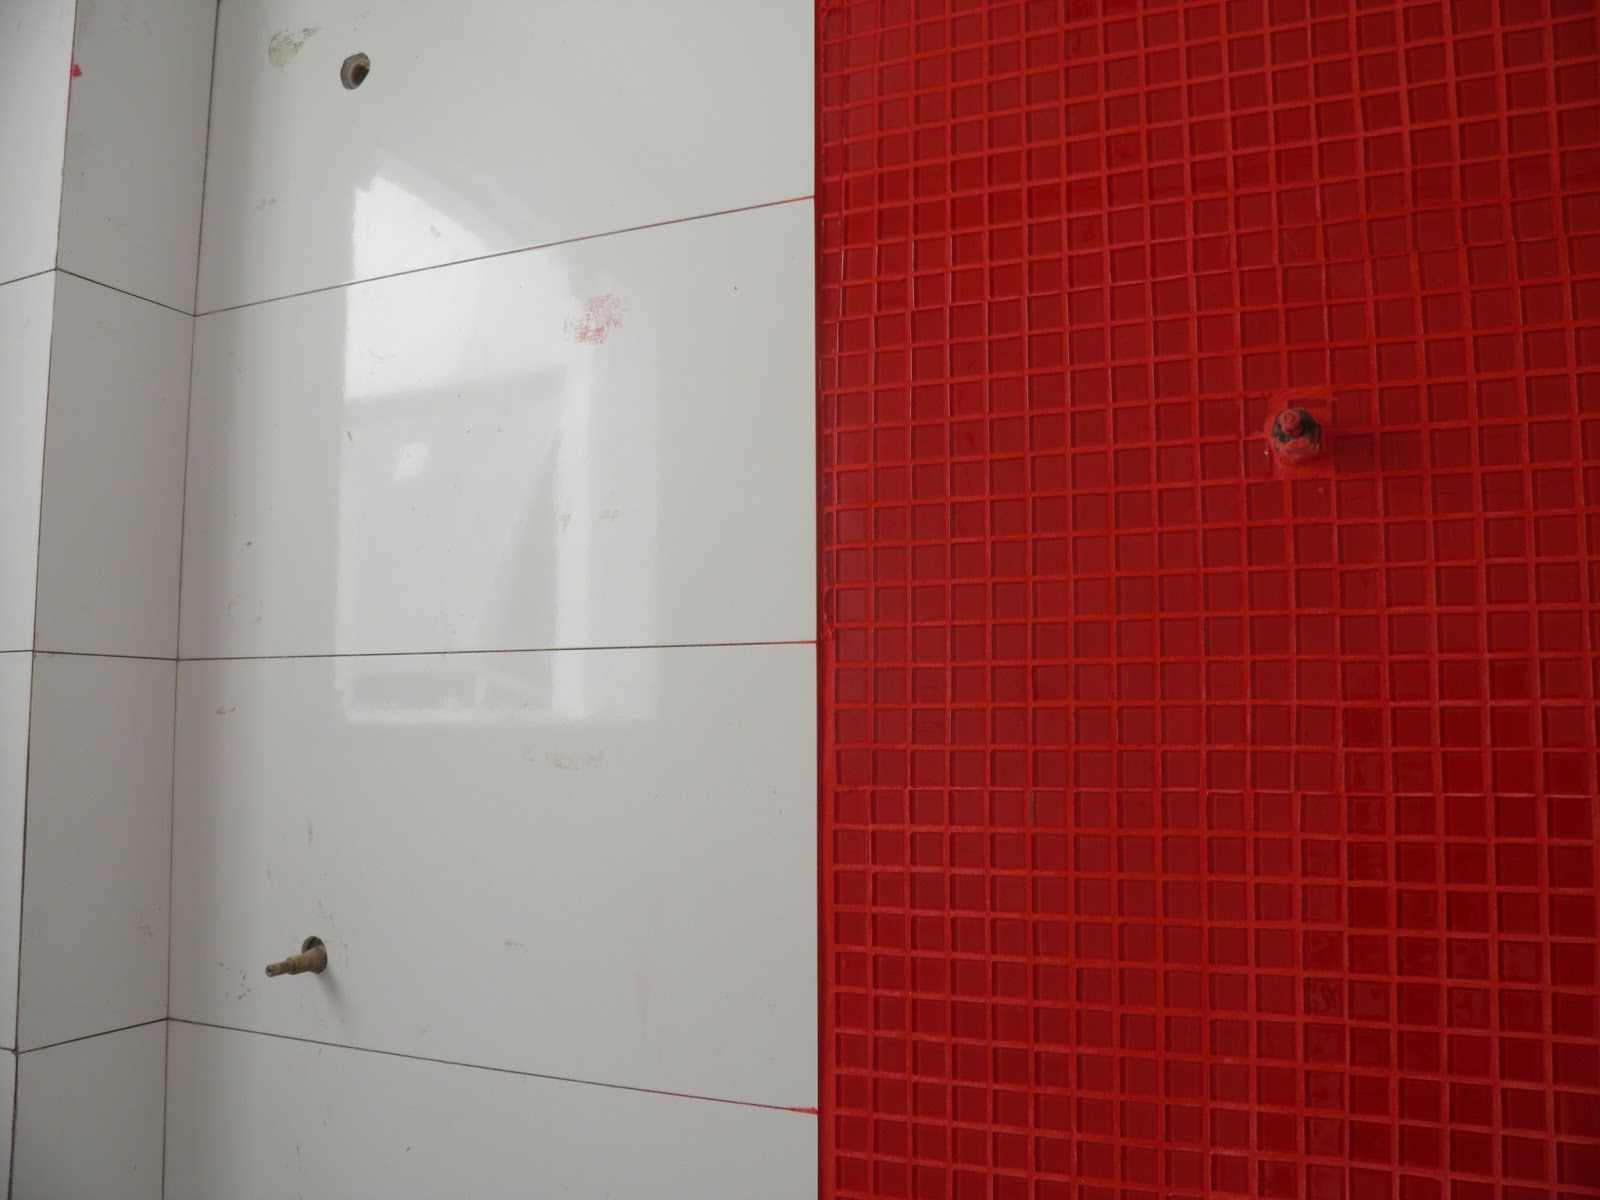 Construindo e arquitetando engenhosamente um sonho, com cimento de amor! Ban -> Banheiro Com Pastilha Vermelha E Branca